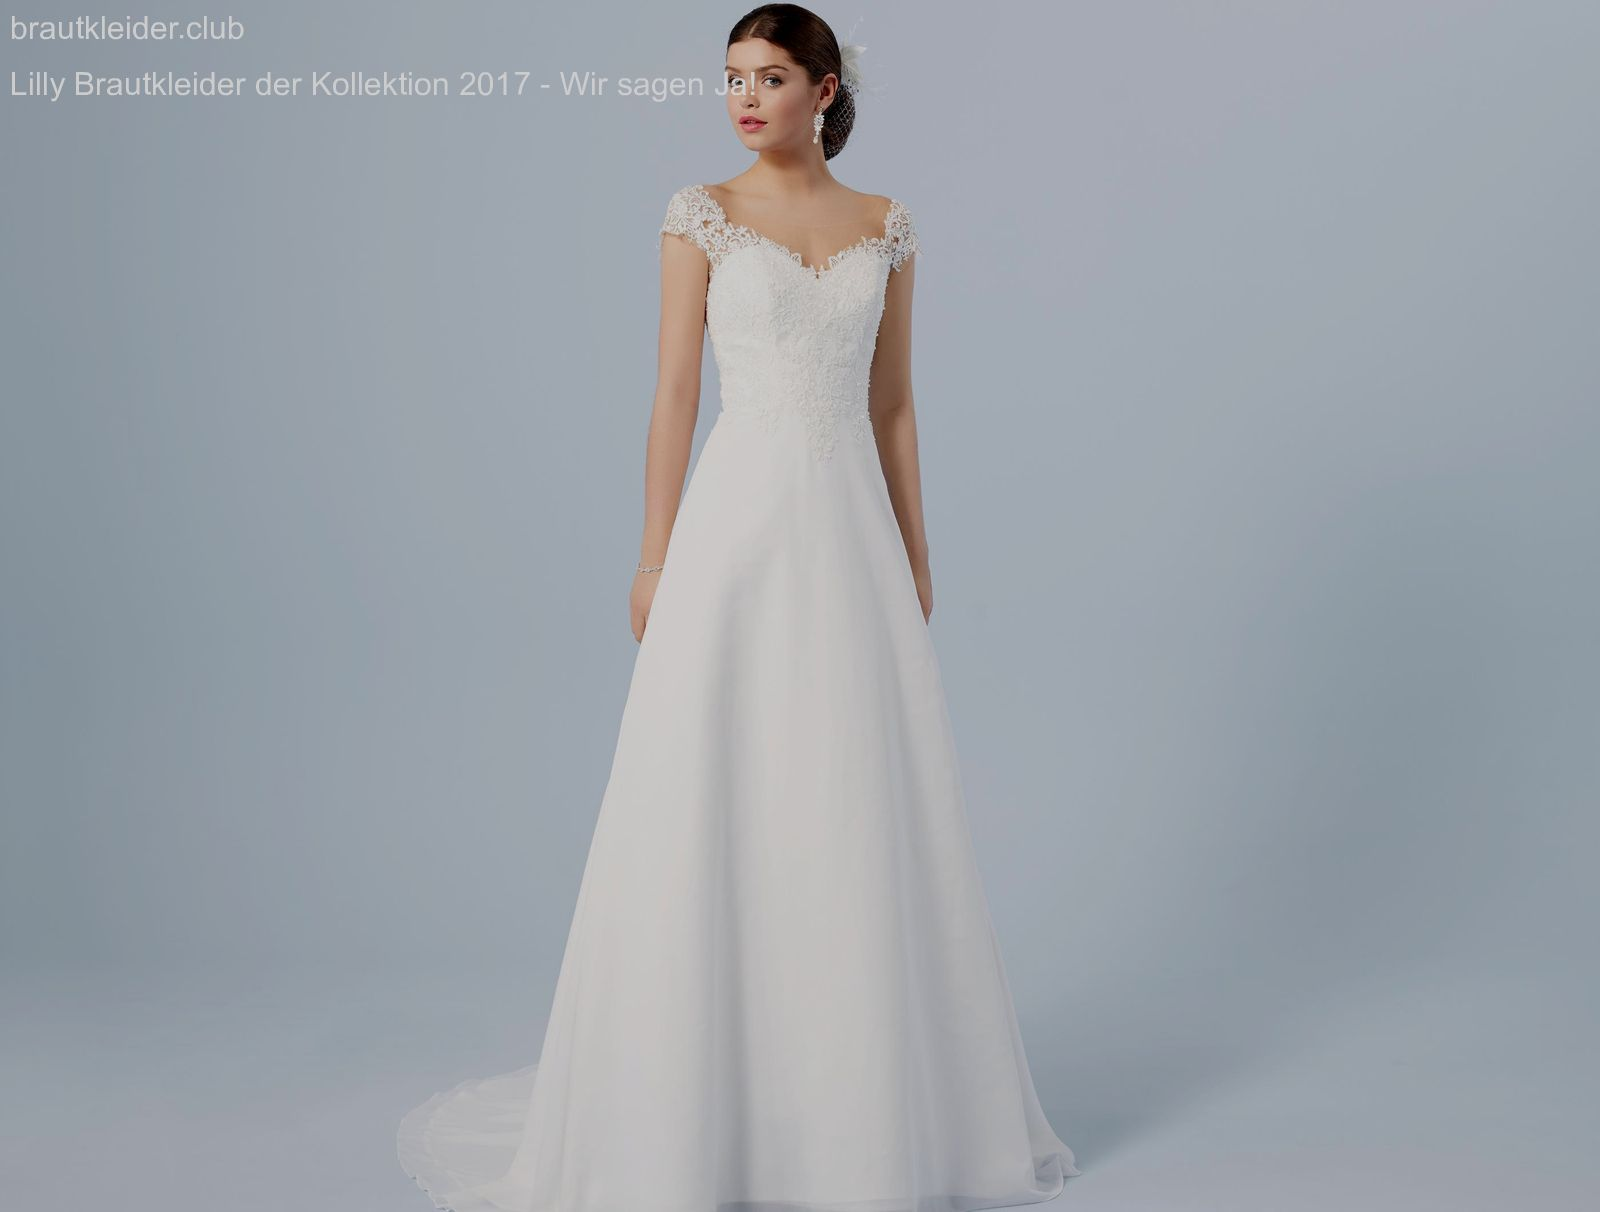 Lilly Brautkleider der Kollektion 10 - Wir sagen Ja  Wedding